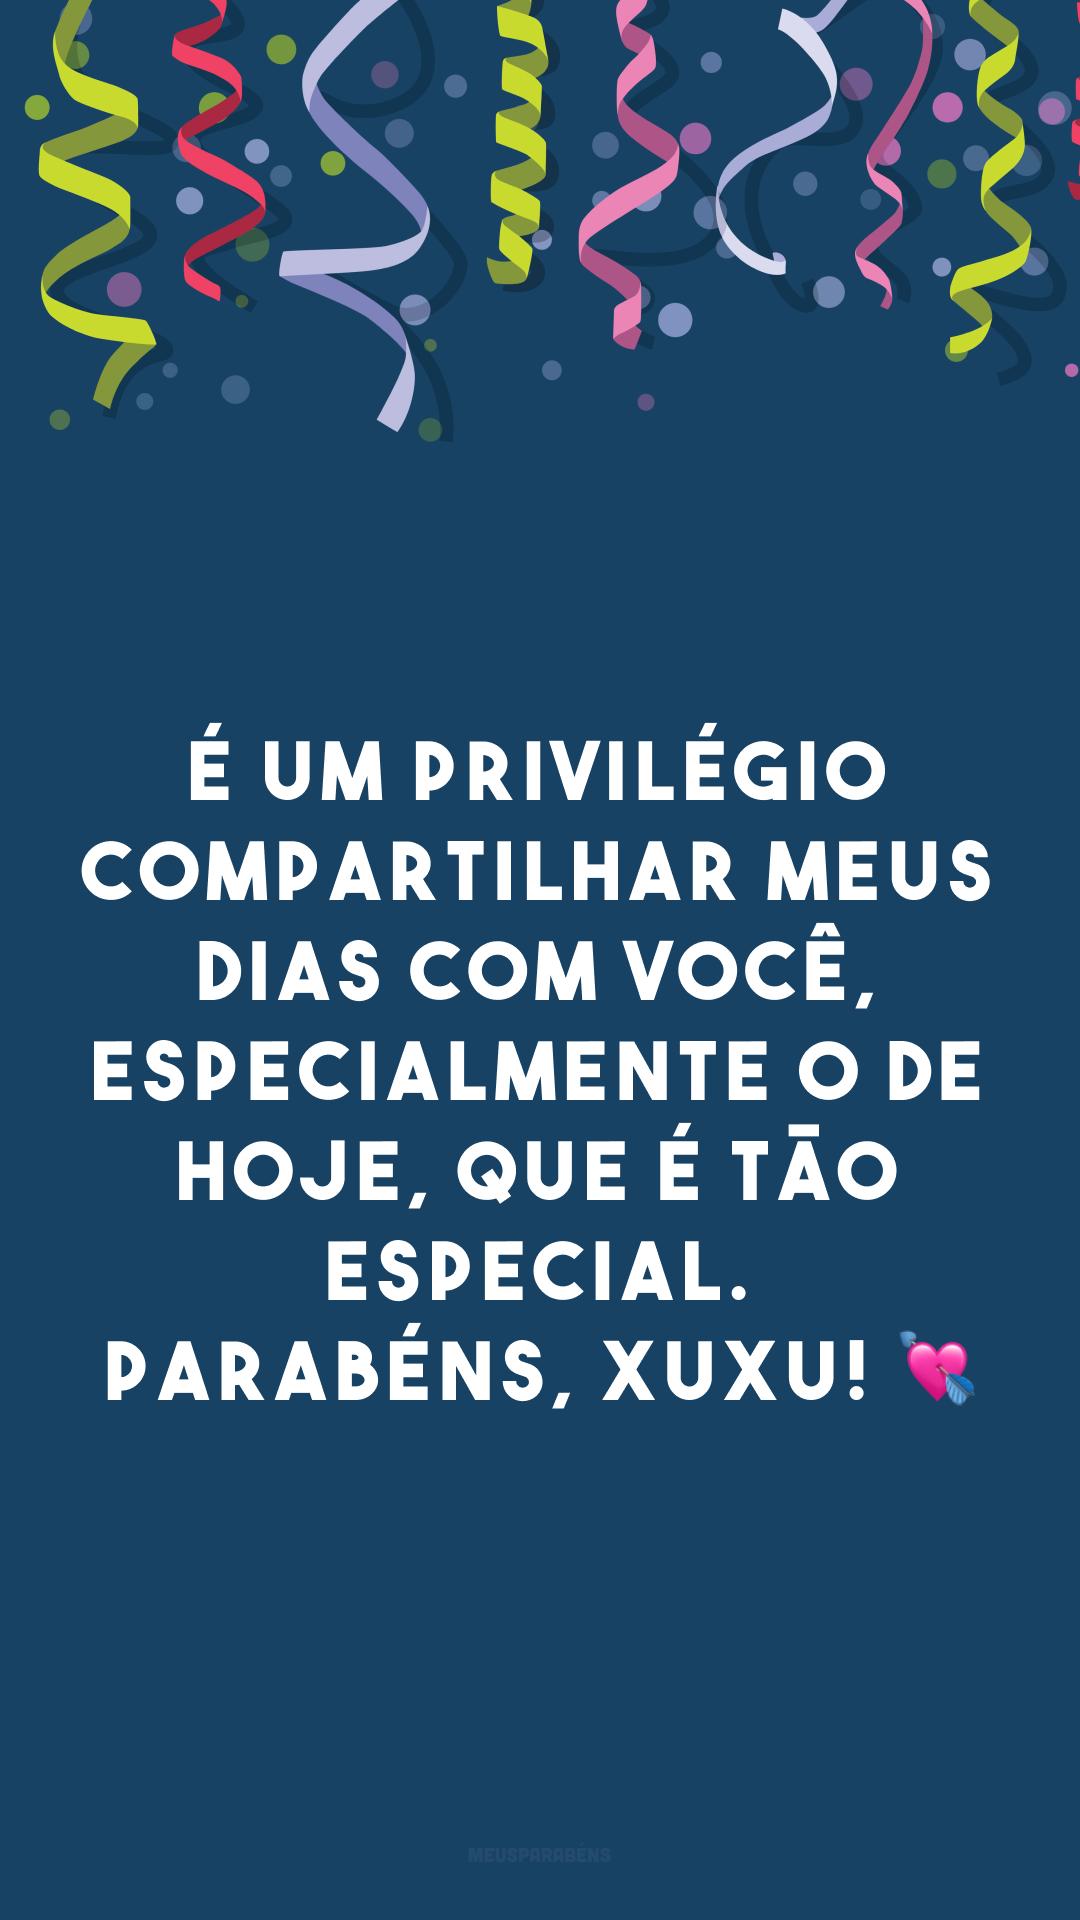 É um privilégio compartilhar meus dias com você, especialmente o de hoje, que é tão especial. Parabéns, xuxu! 💘